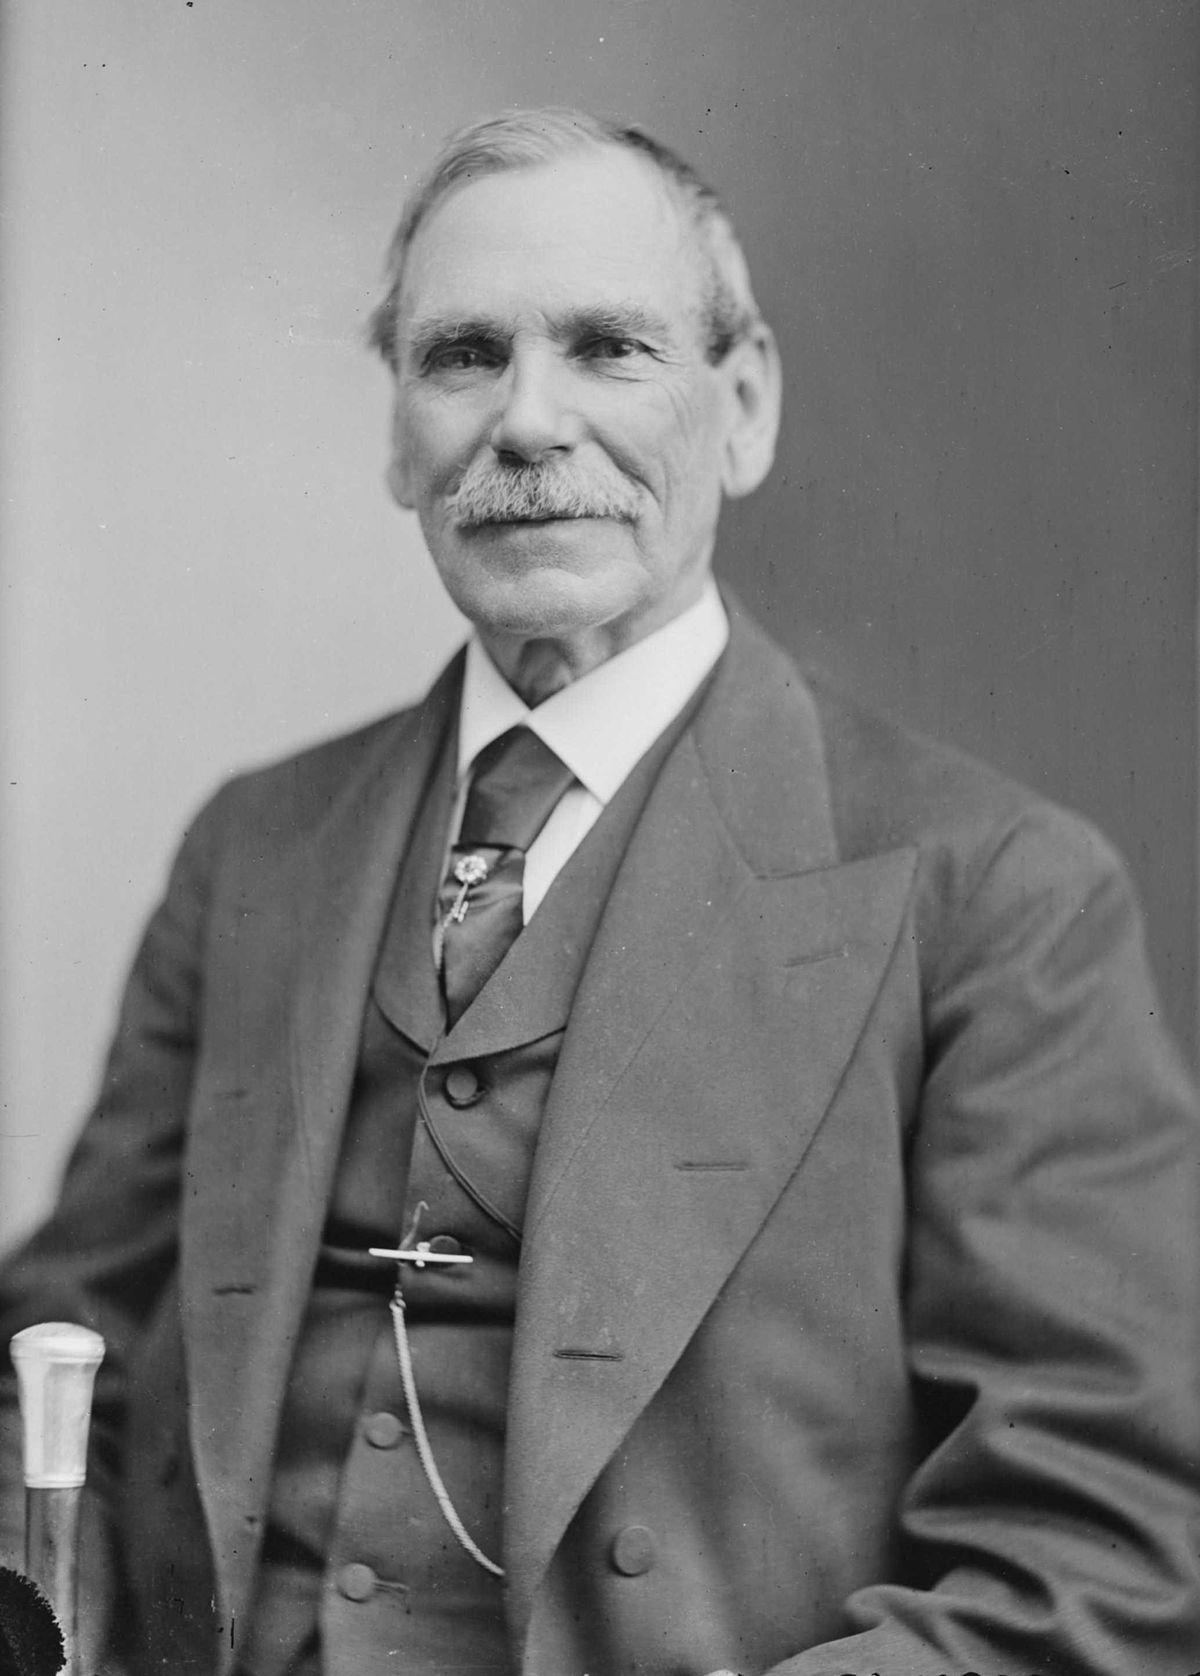 James Shields Politician Born 1806 Wikipedia